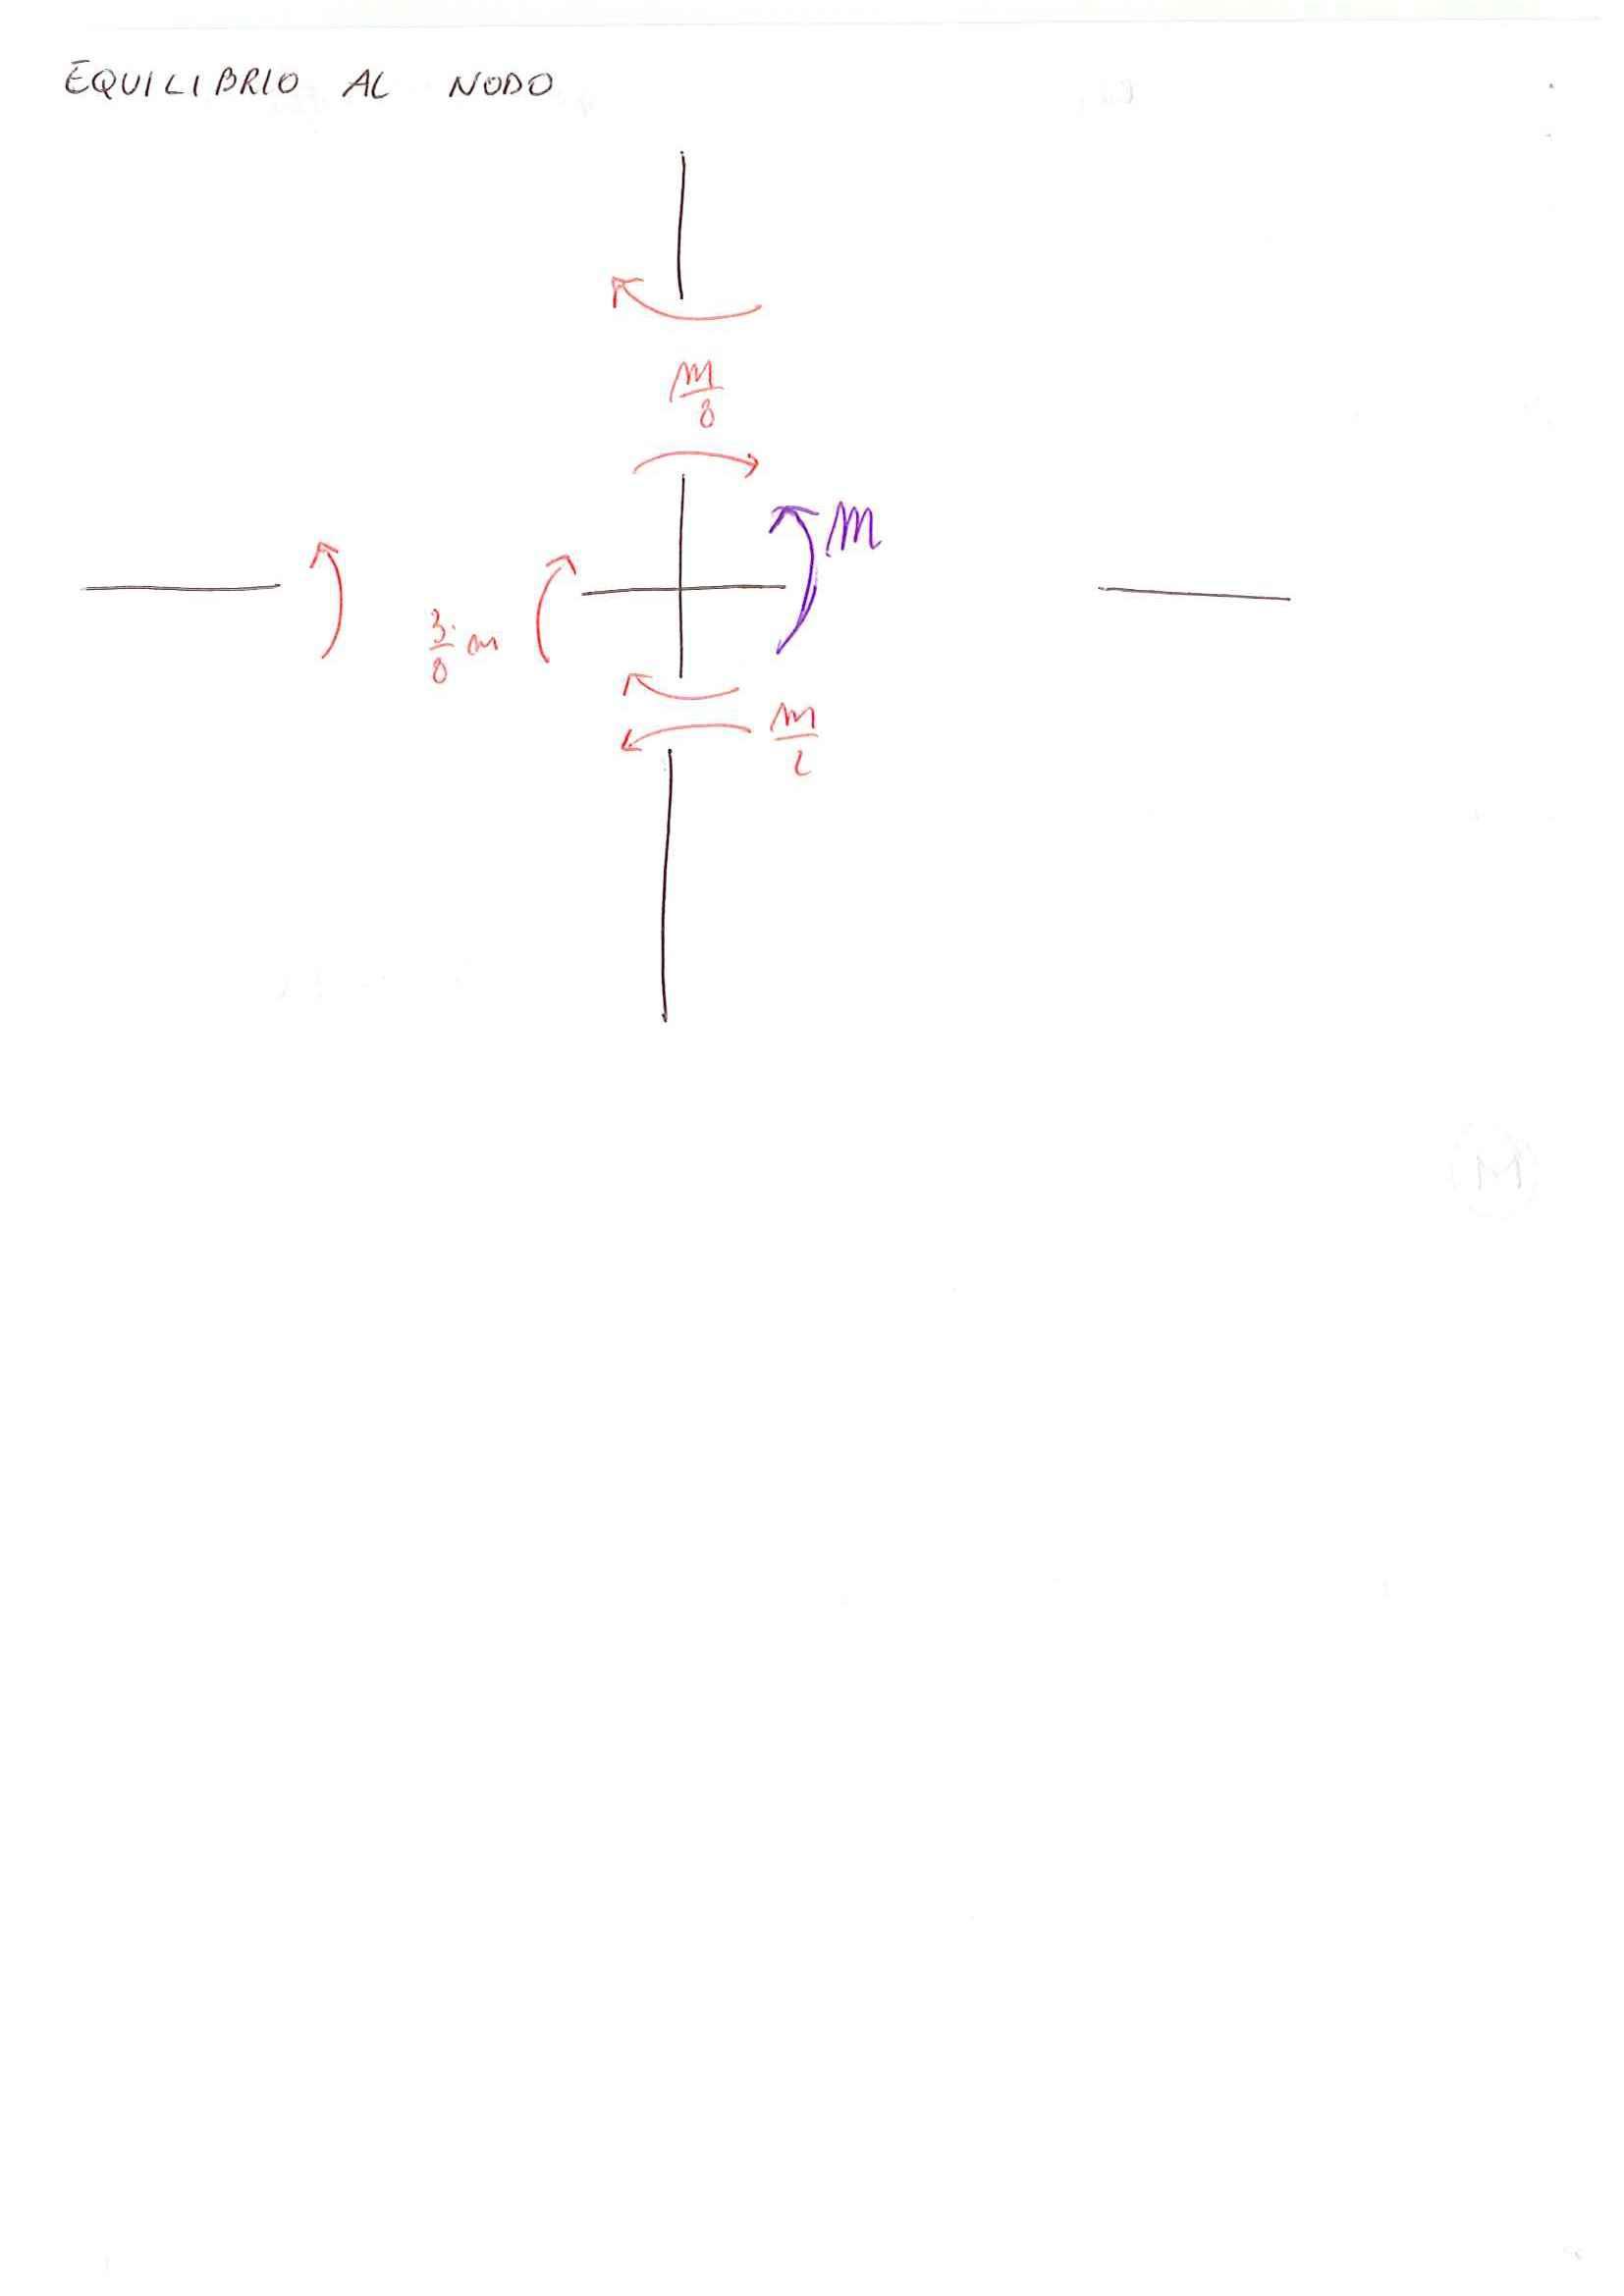 Scienza delle costruzioni - metodo degli spostamenti Pag. 36